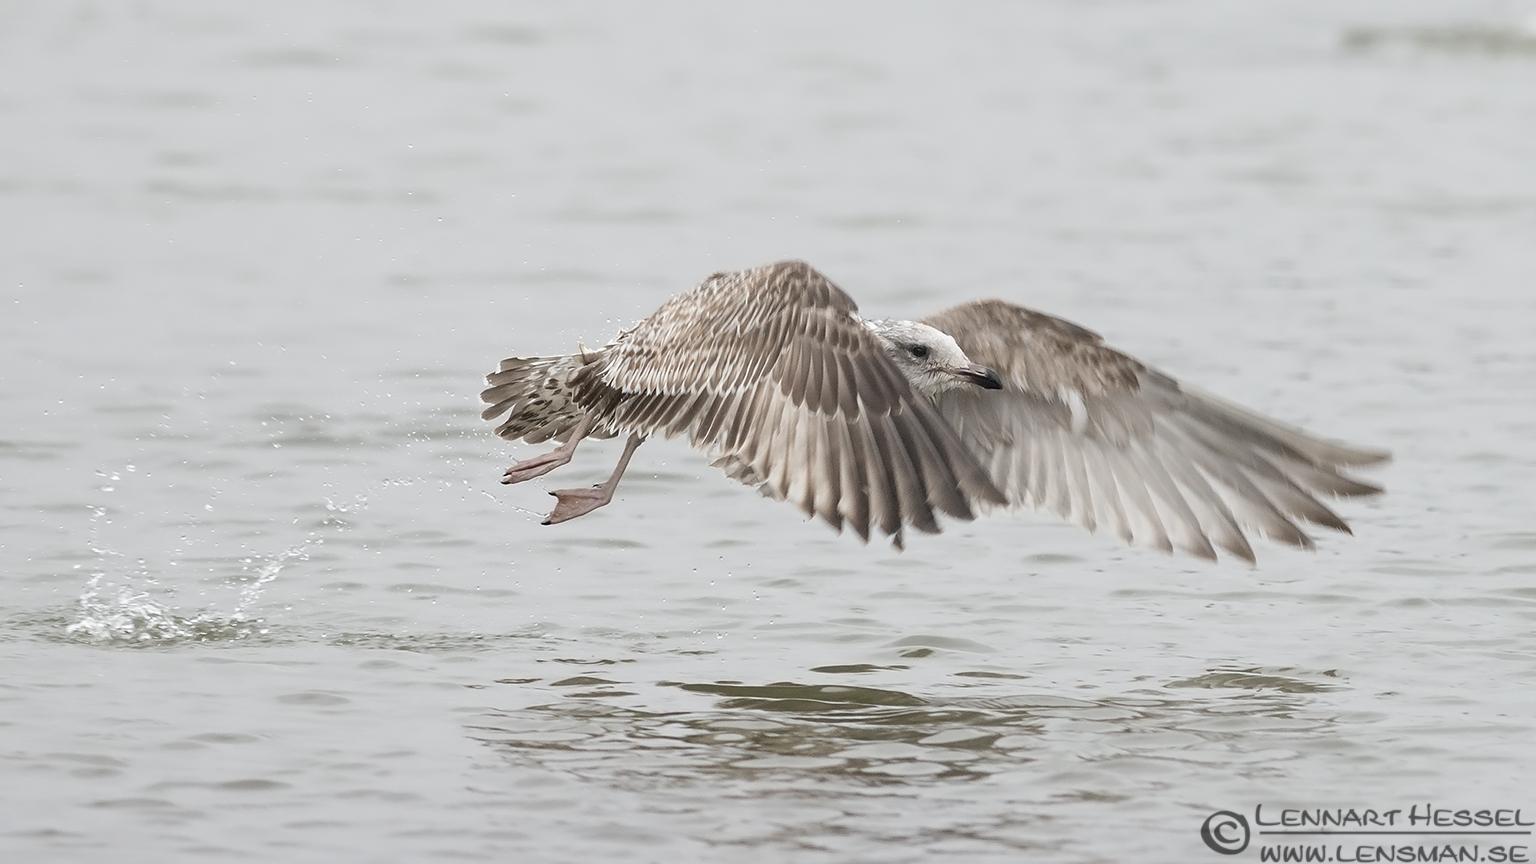 http://www.lensman.se/wp-content/uploads/2013/01/130126-European-Herring-Gull.jpg